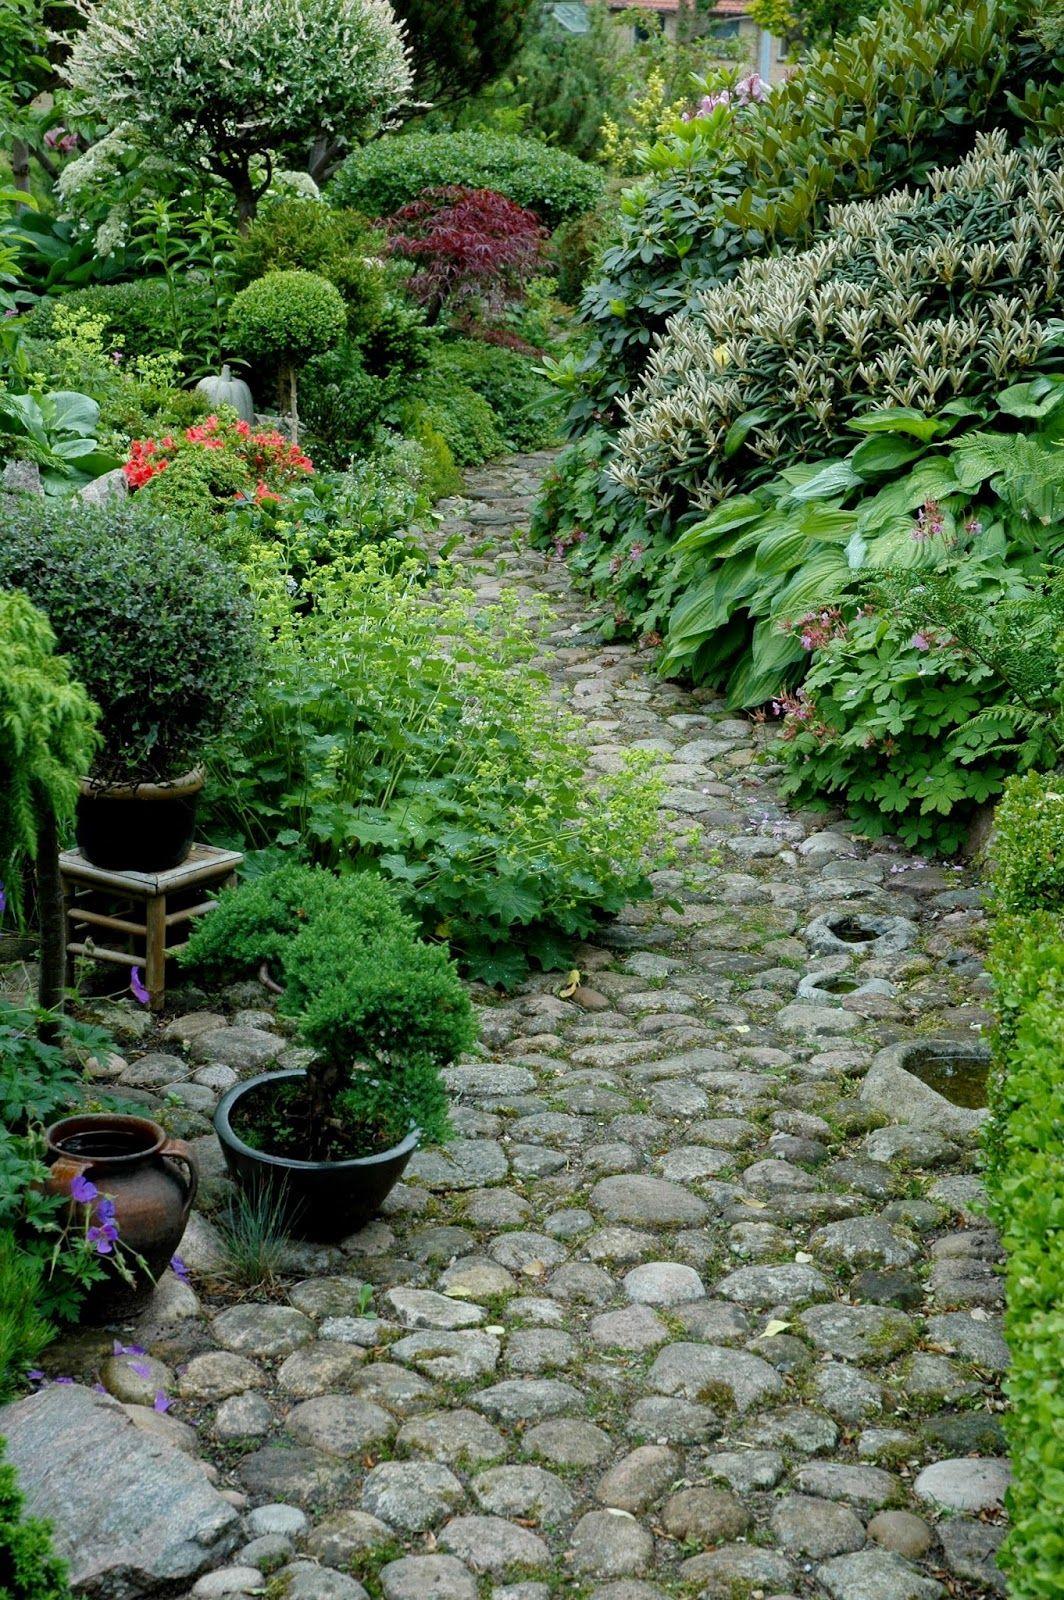 HAVETID - Inspiring garden in Denmark. Work of art.